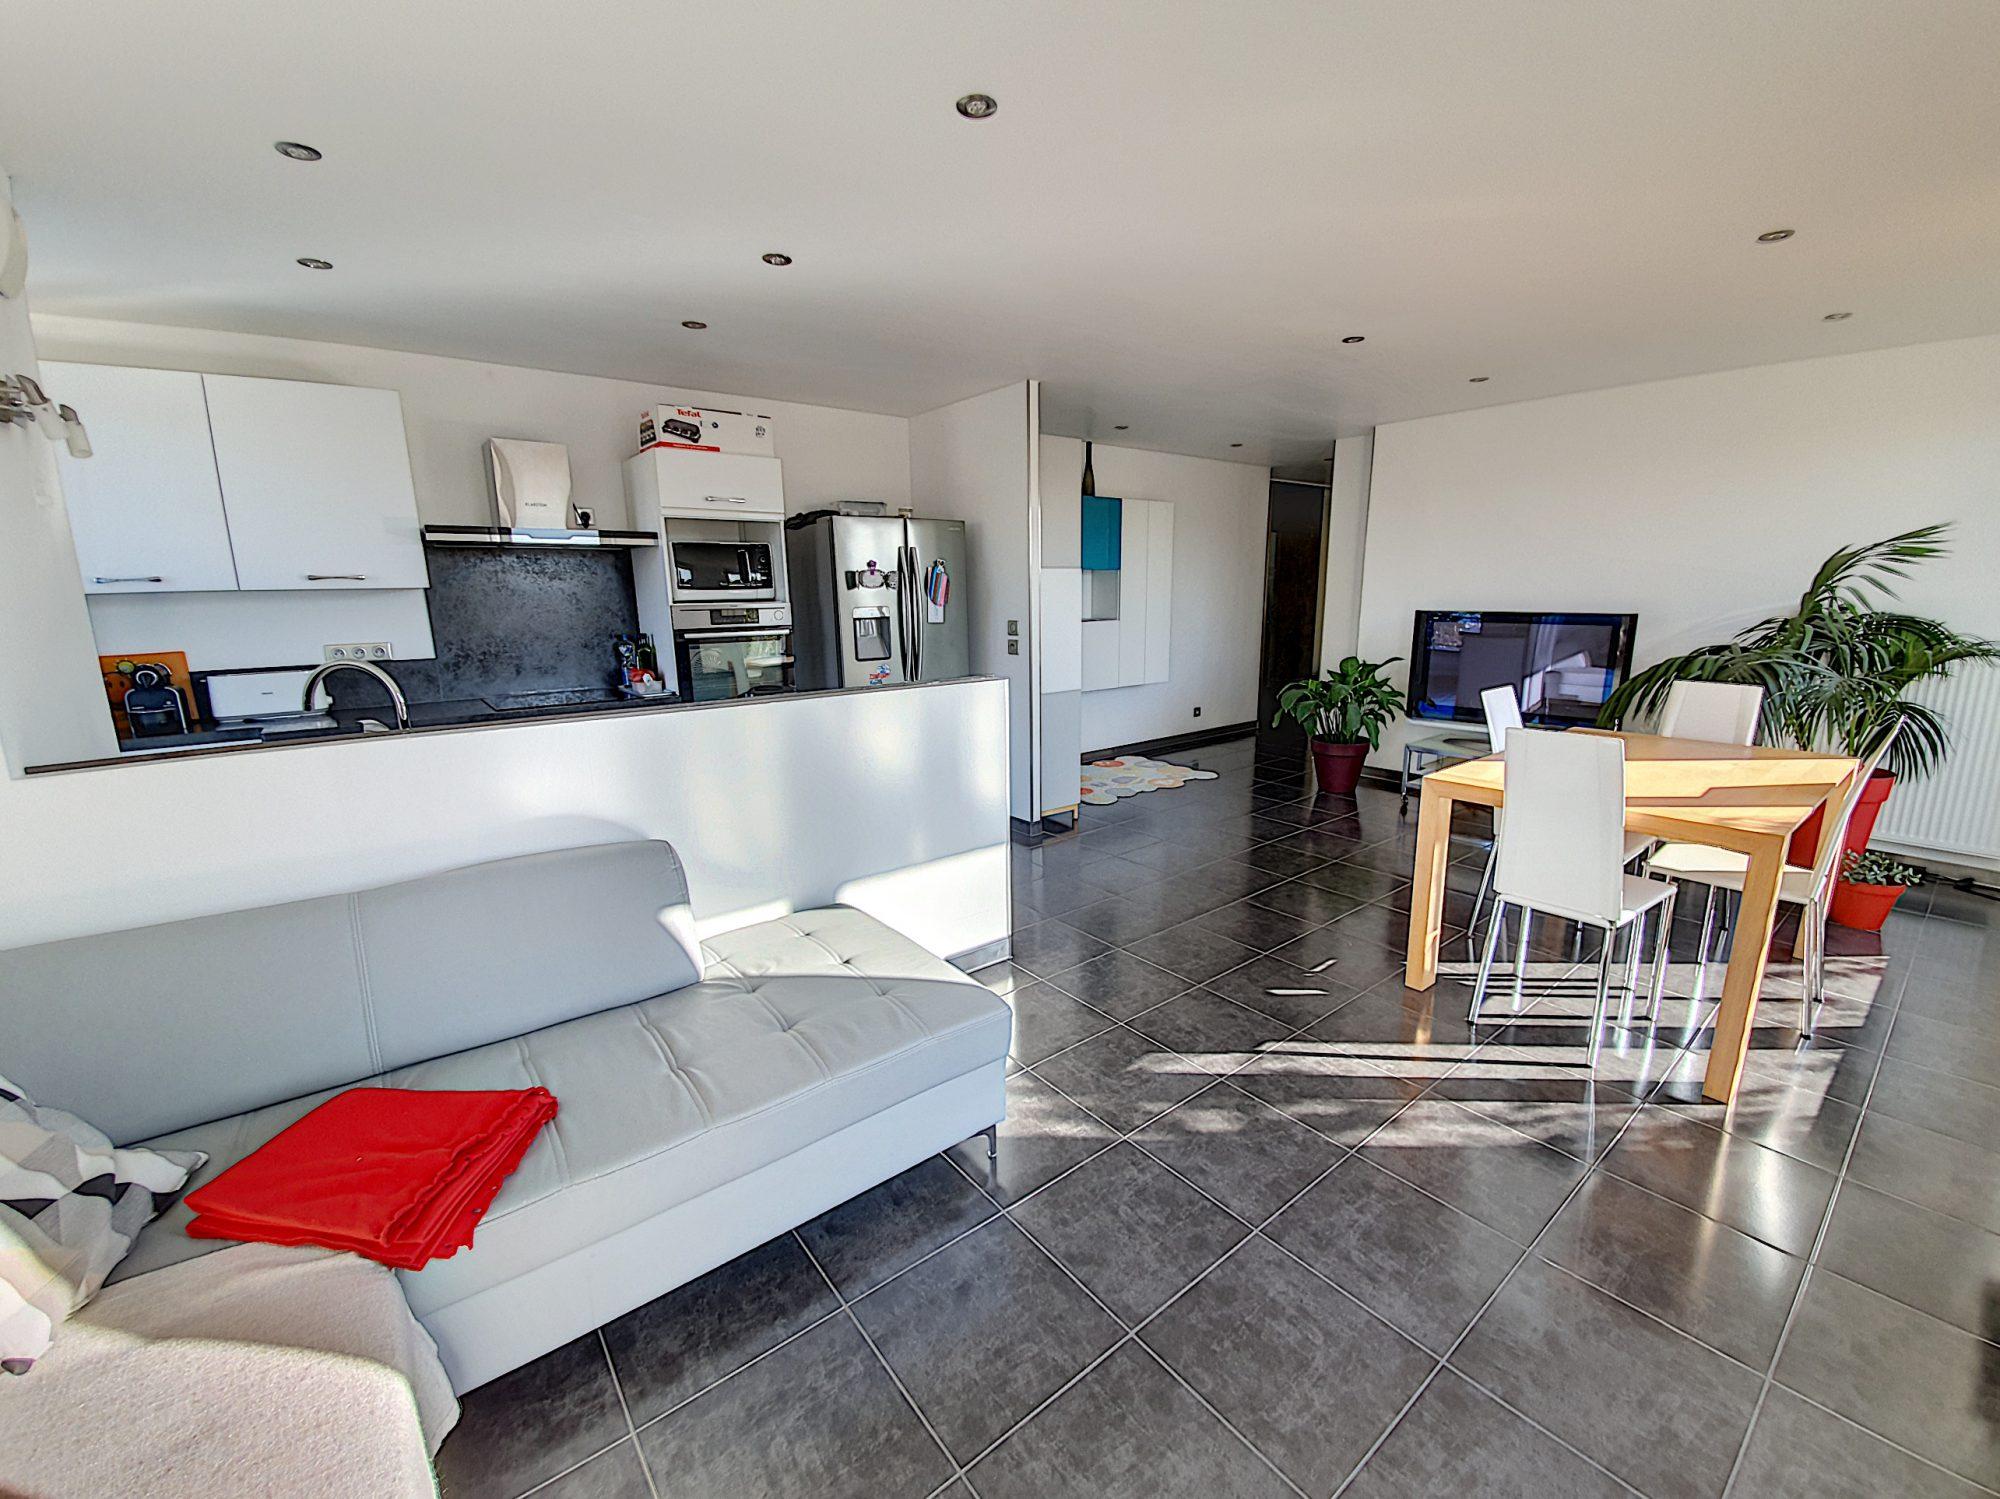 Neudorf, 4/5 pièces en attique de 92m² avec terrasse de 69 m²